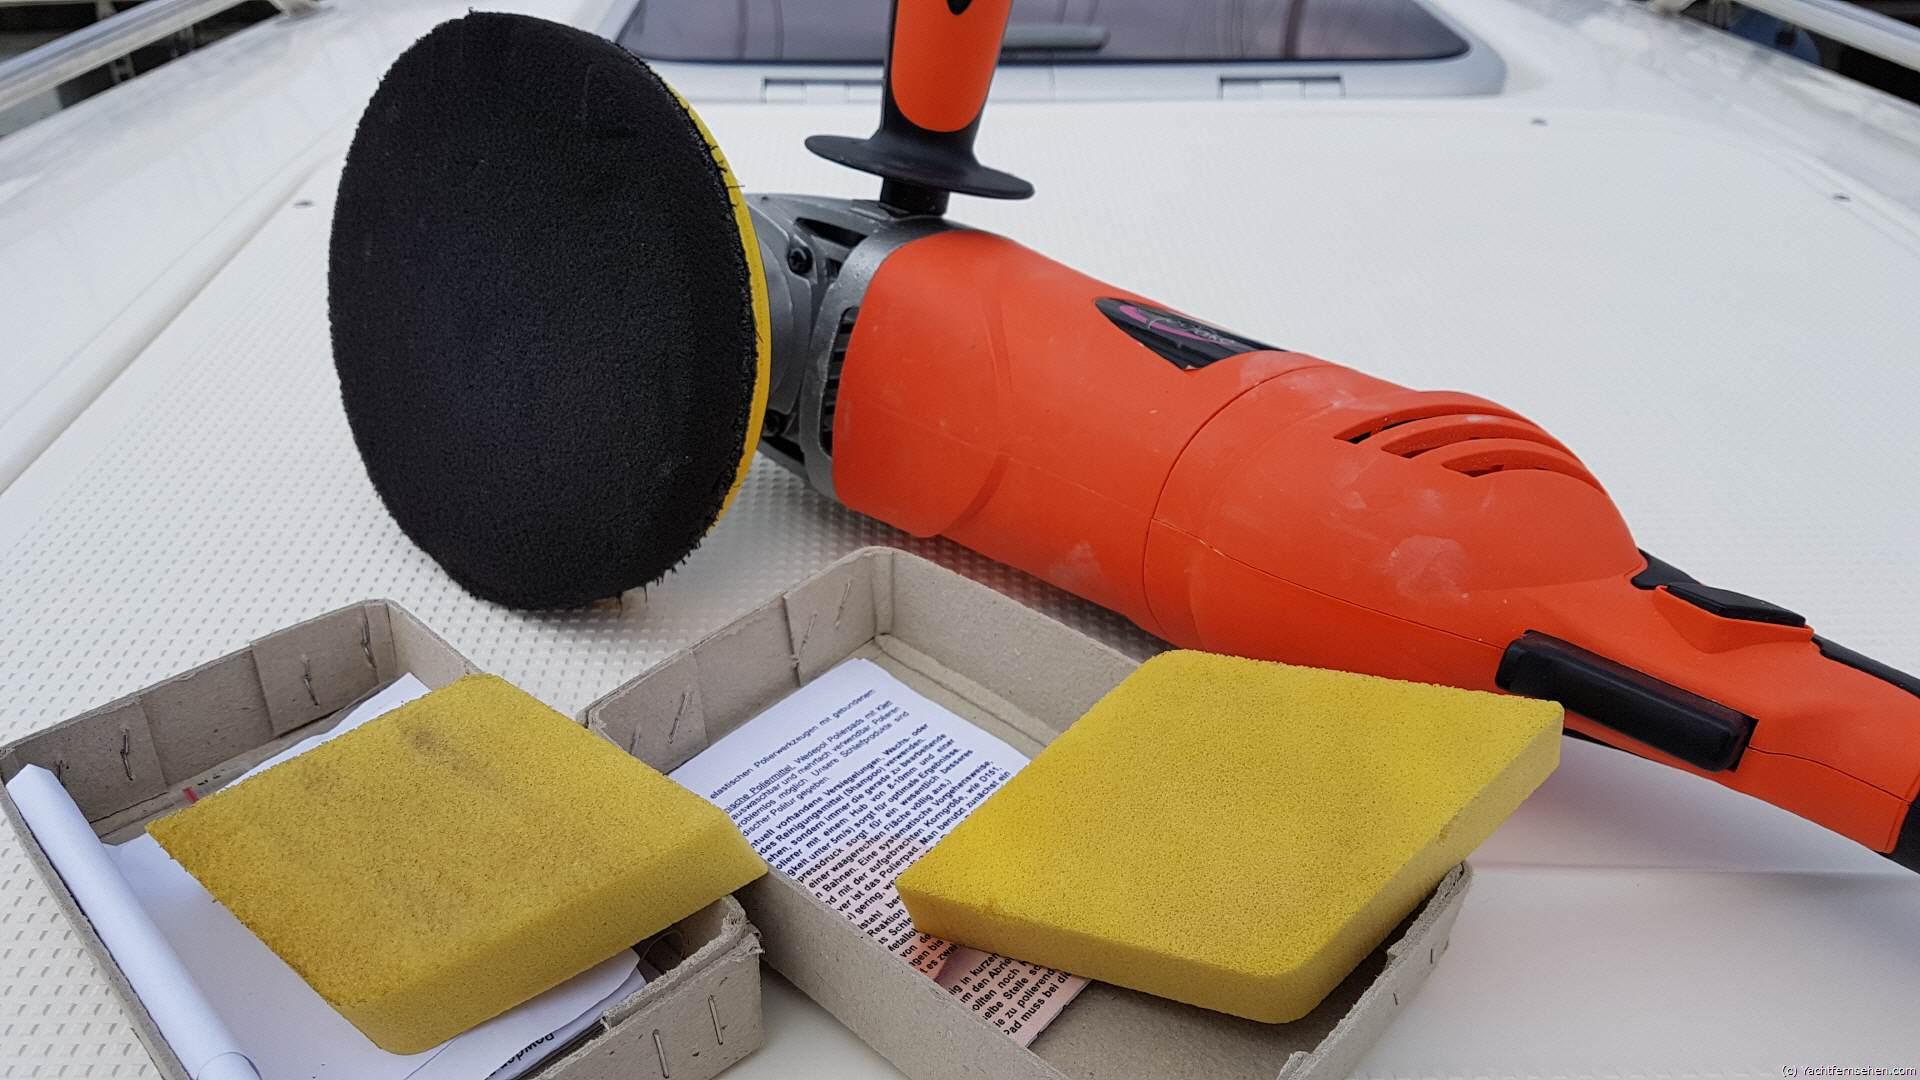 Super Yachtfernsehen.com Tipps für den Pflege und Reinigung für Boot und OK94